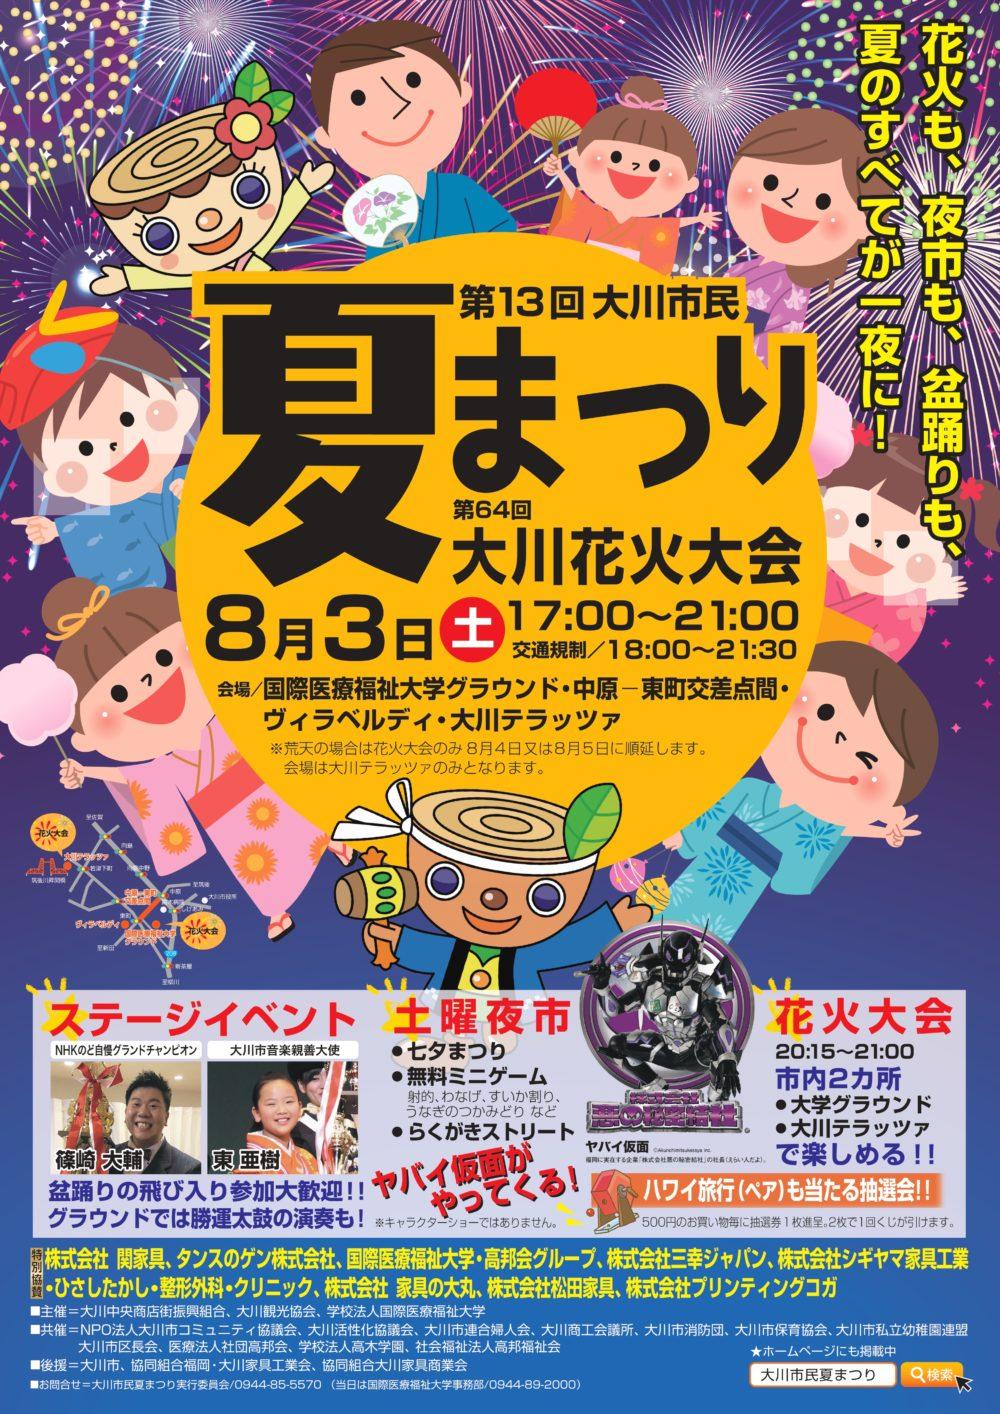 【第13回 大川市民夏まつり】ステージイベントや花火大会など盛りだくさん